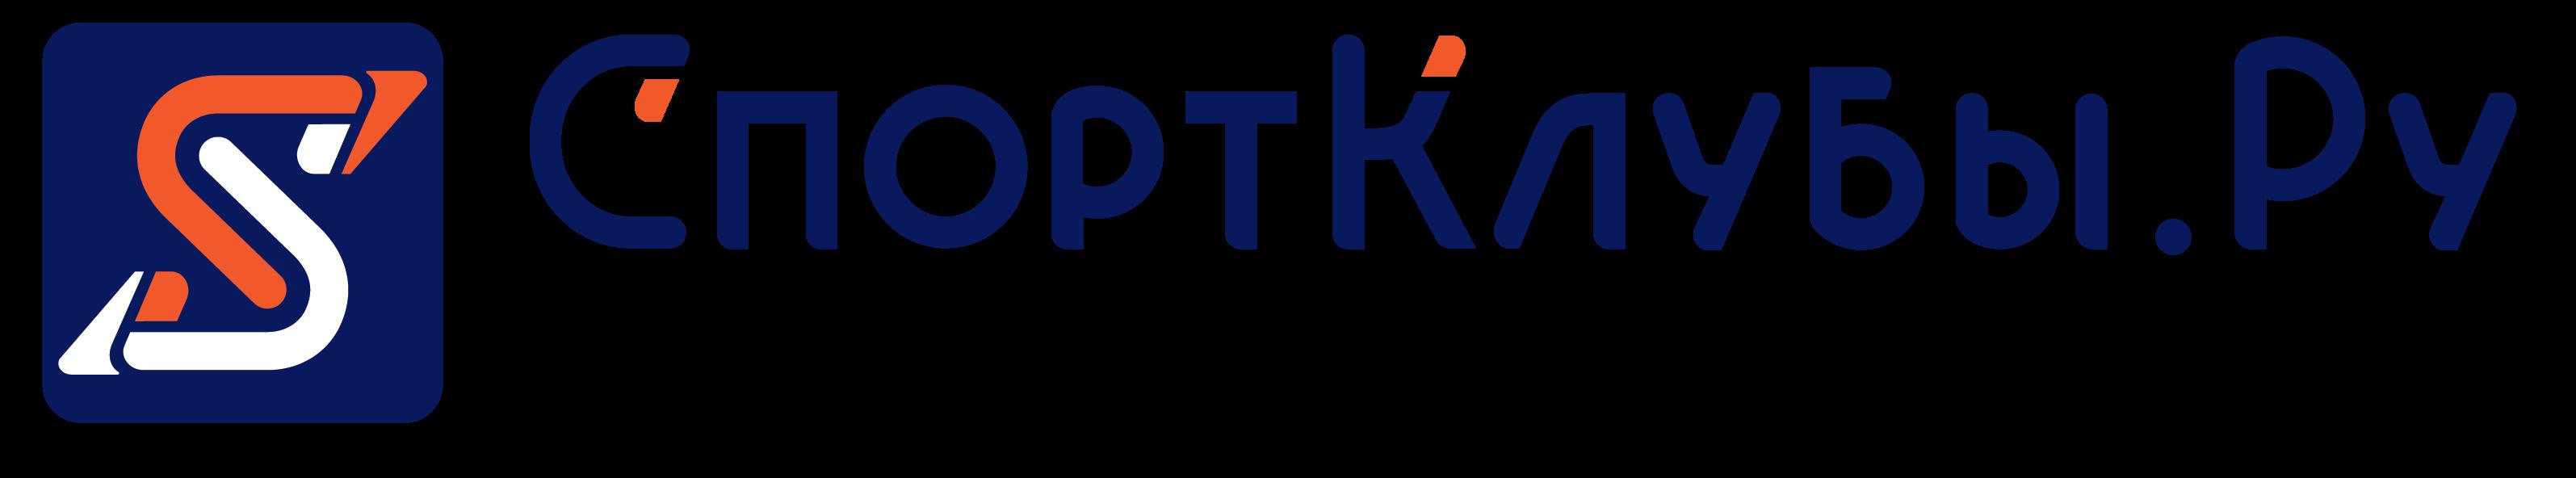 Спортклубы.ру